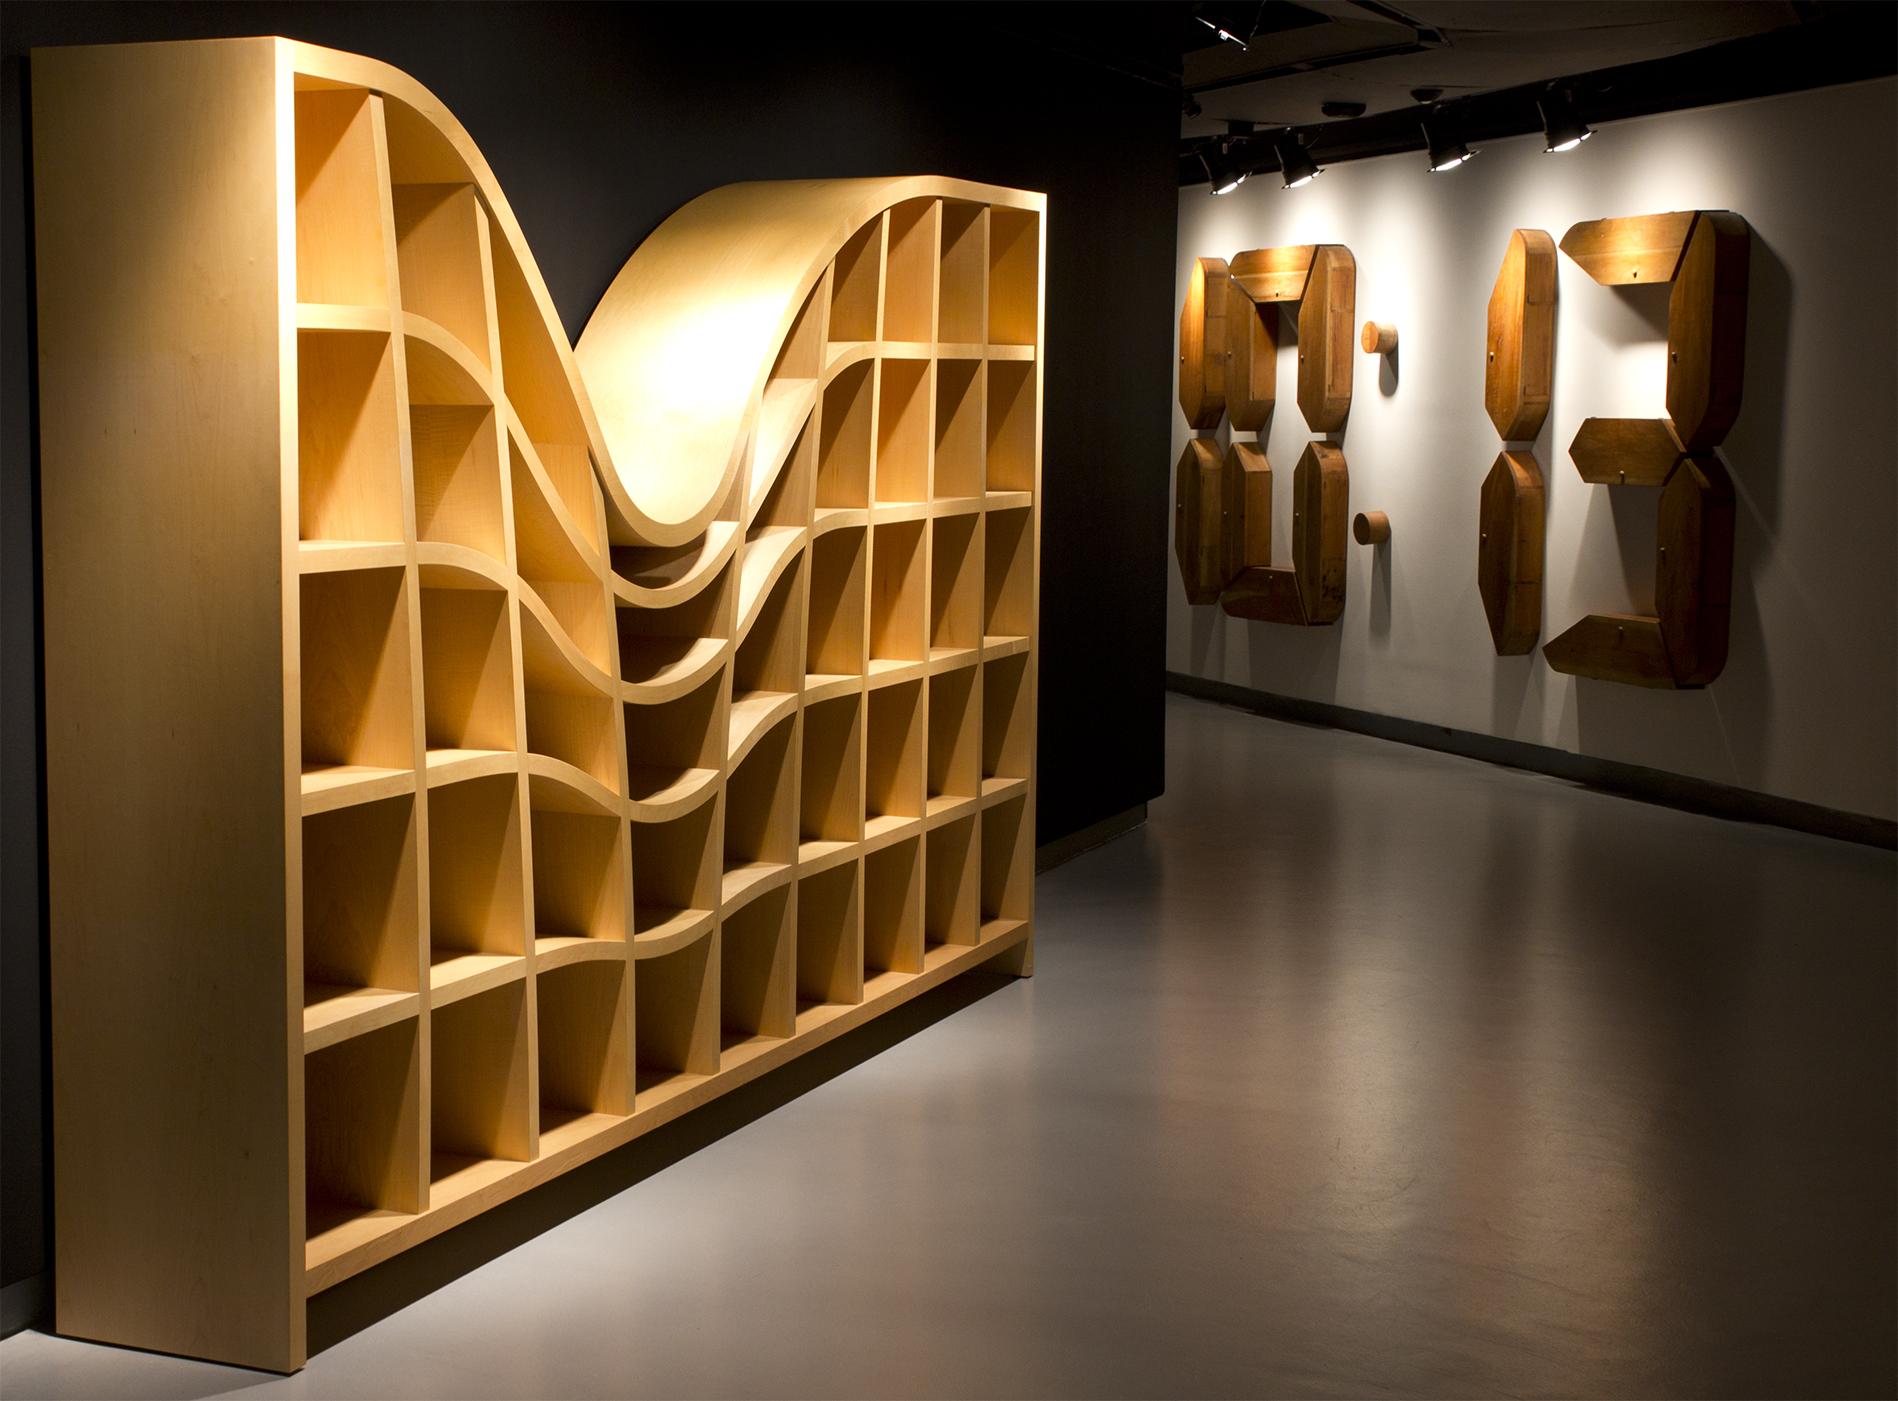 los-carpinteros-obras-arte-cuba-13